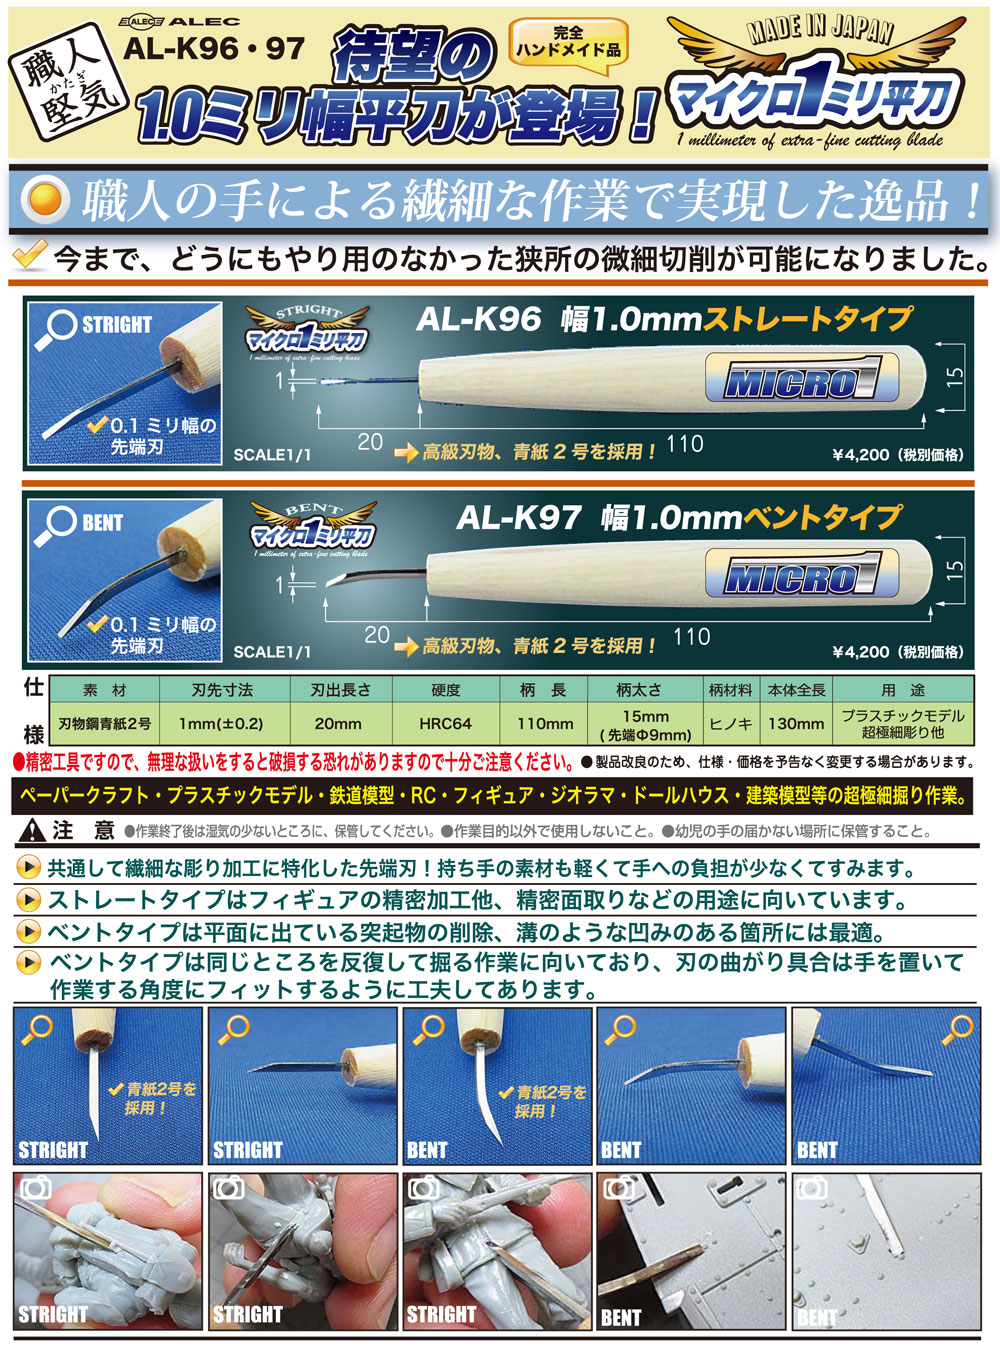 マイクロ 1ミリ 平刀 幅 1.0mm ストレートタイプ 平刃彫刻刀(シモムラアレック職人堅気No.AL-K096)商品画像_2